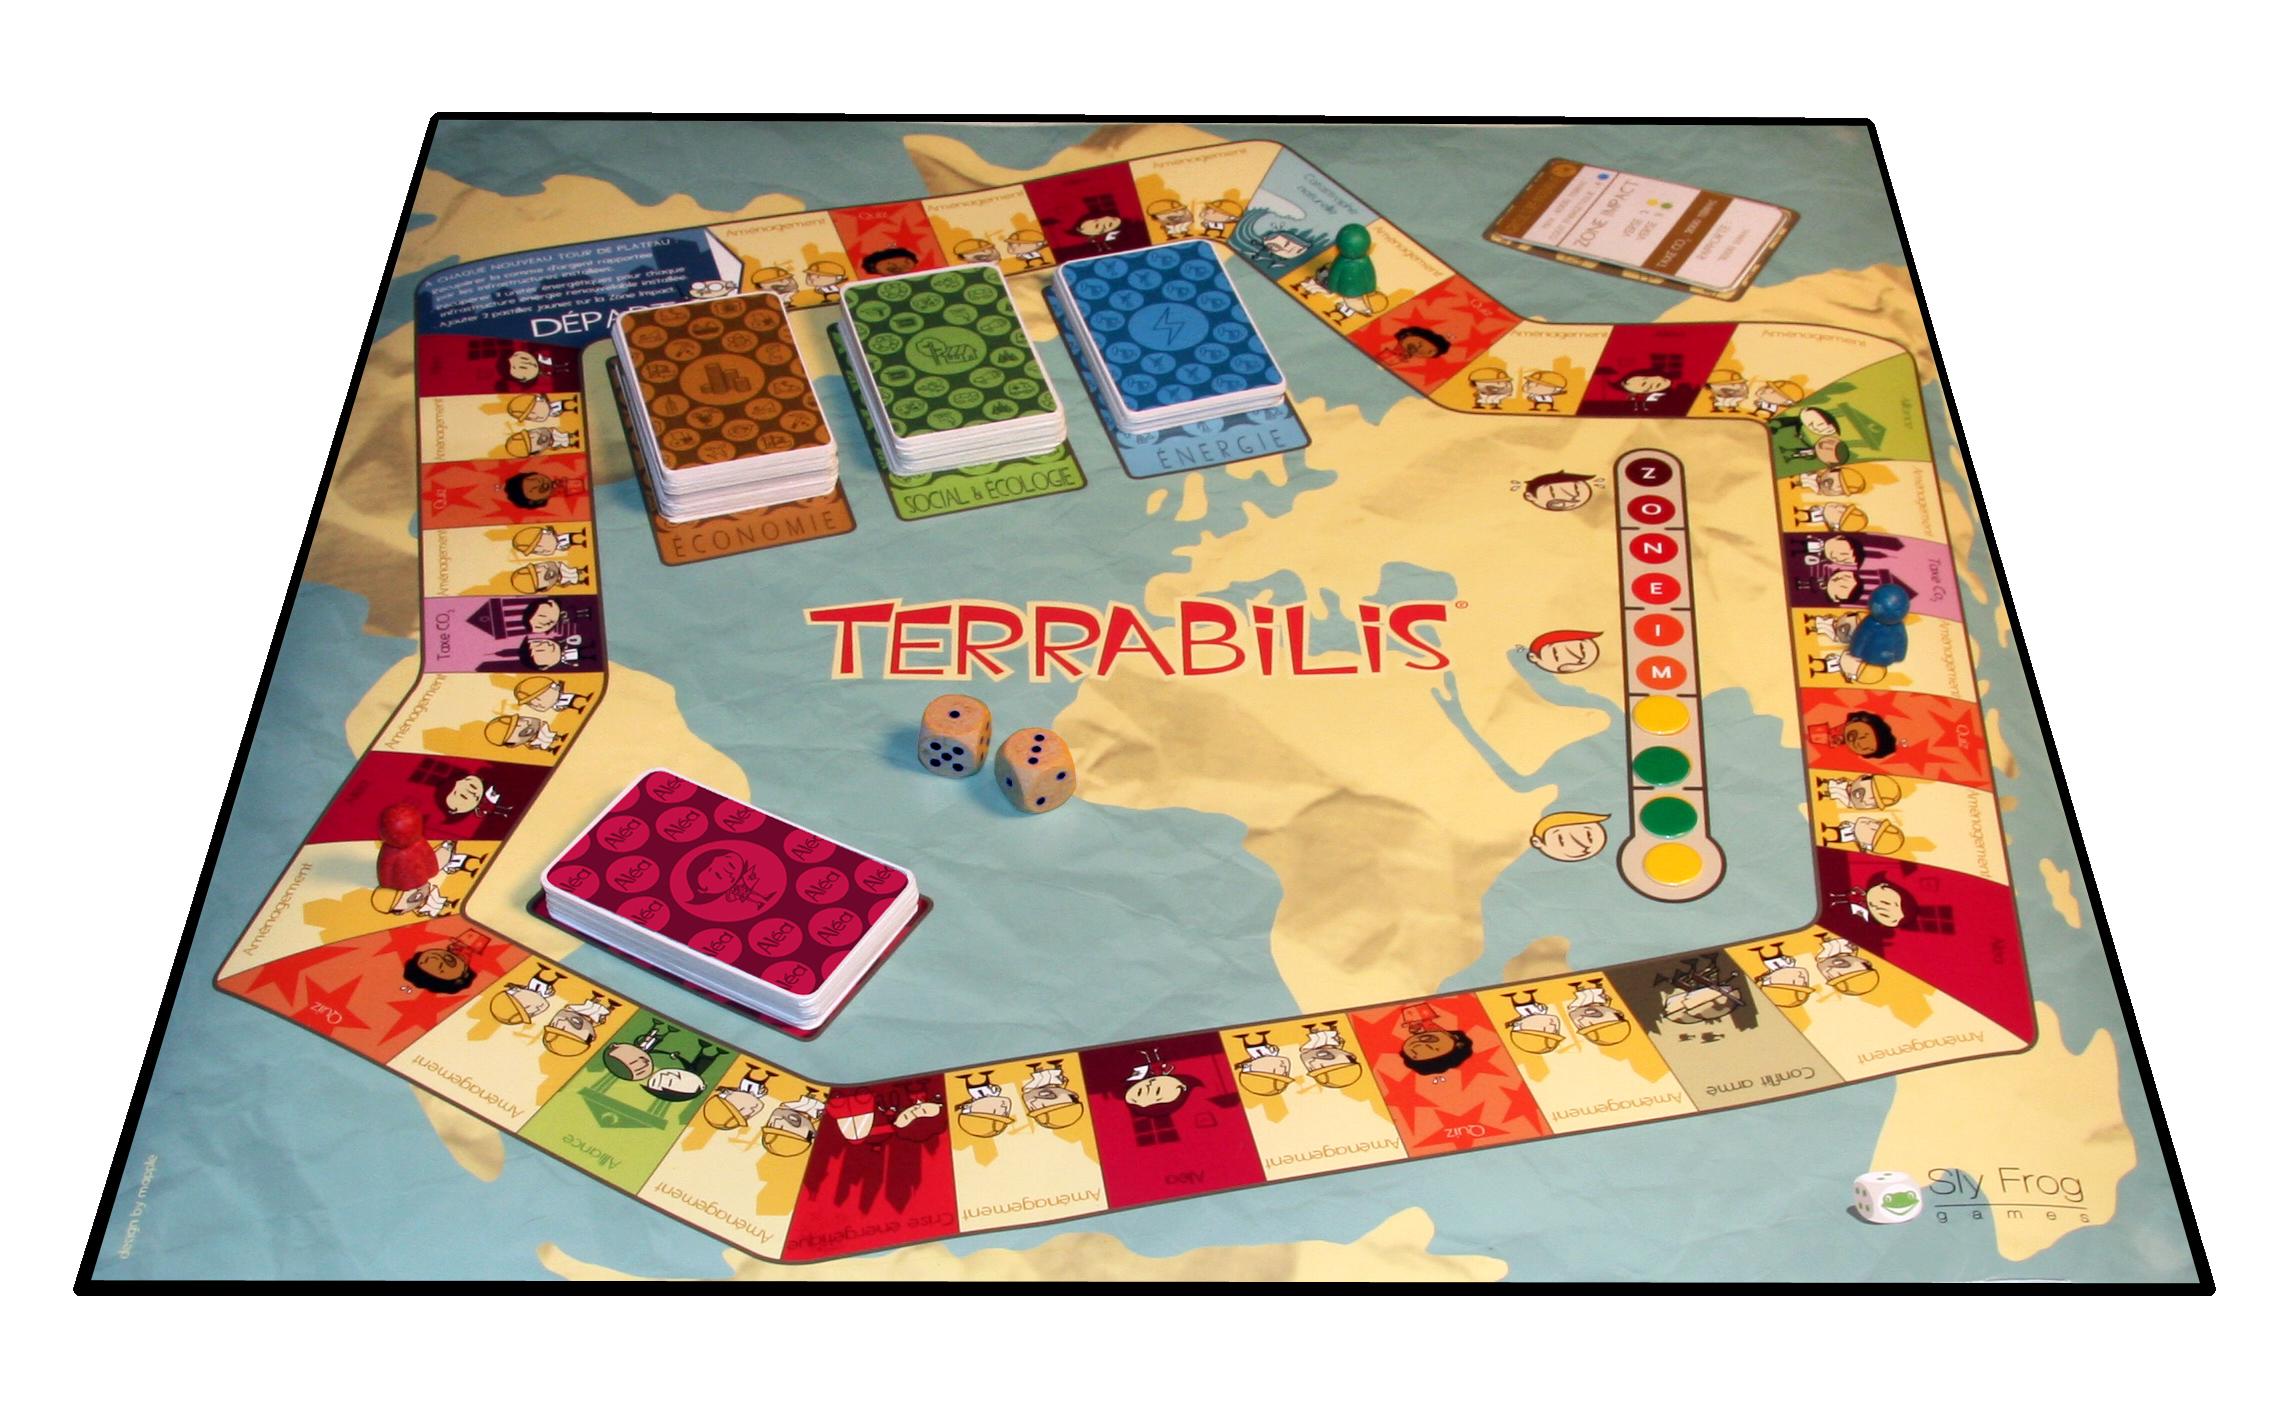 Terrabilis_jeu_societe_ecologie_2